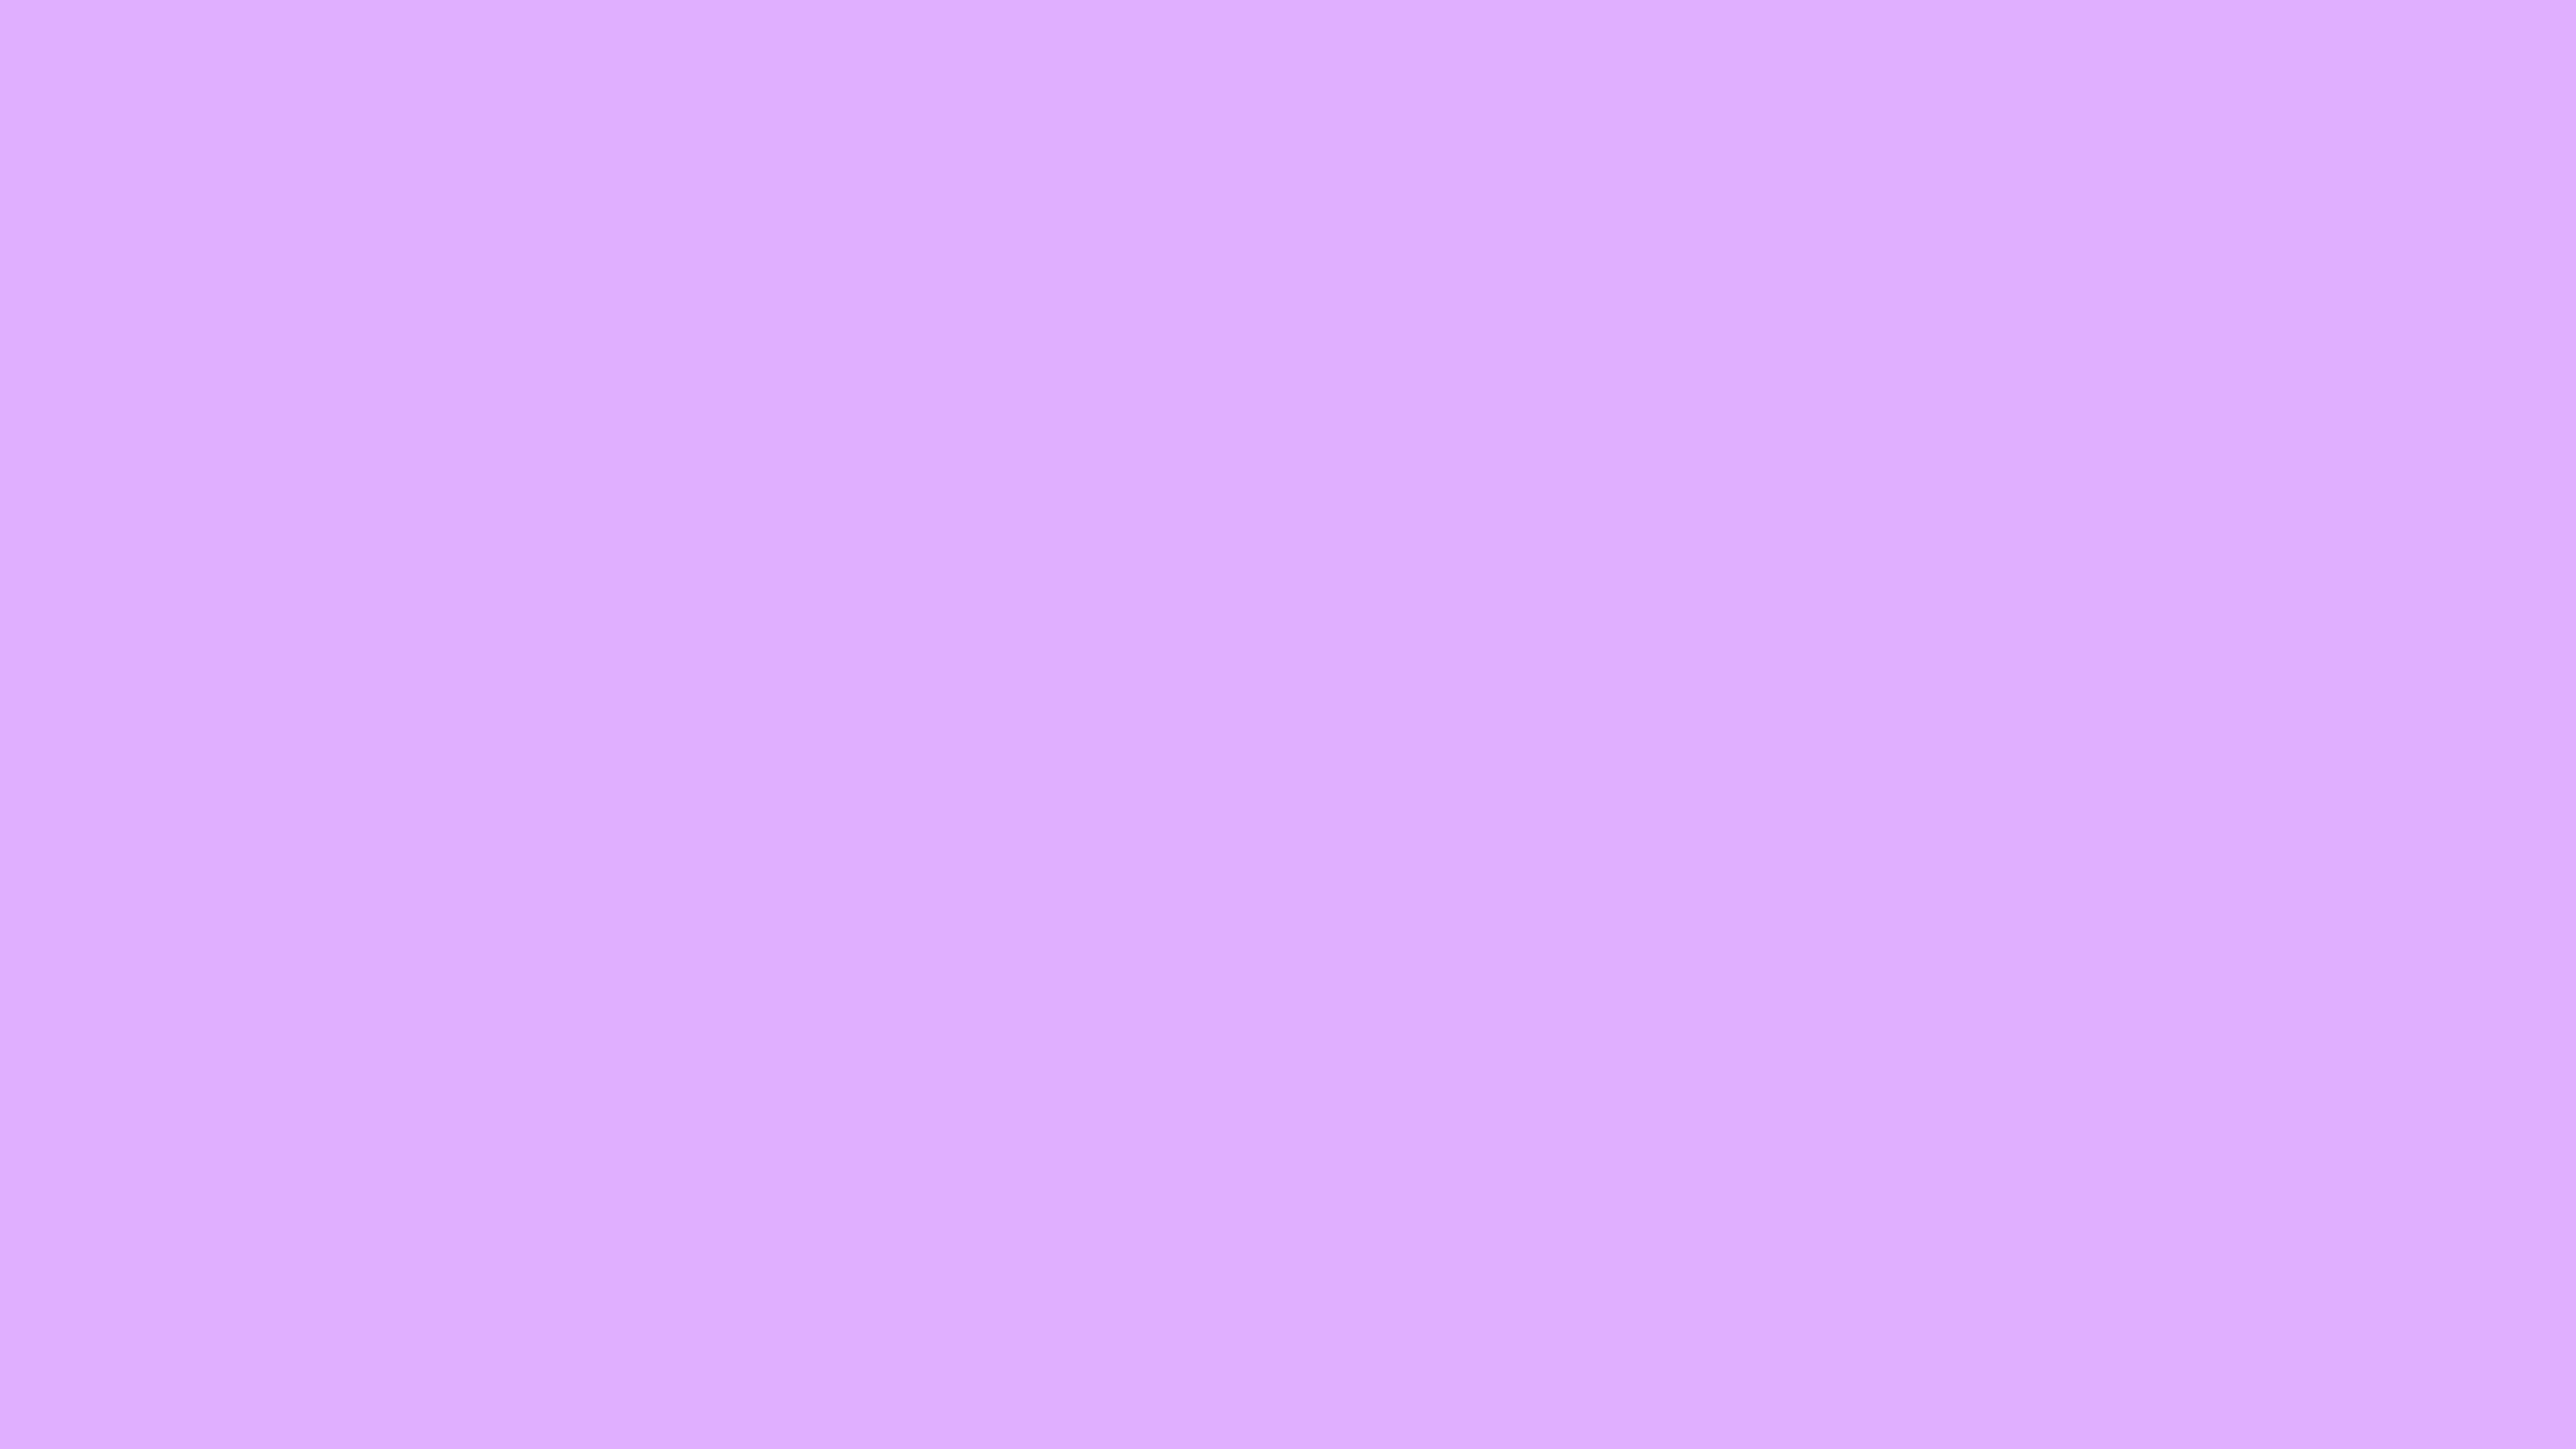 5120x2880 Mauve Solid Color Background